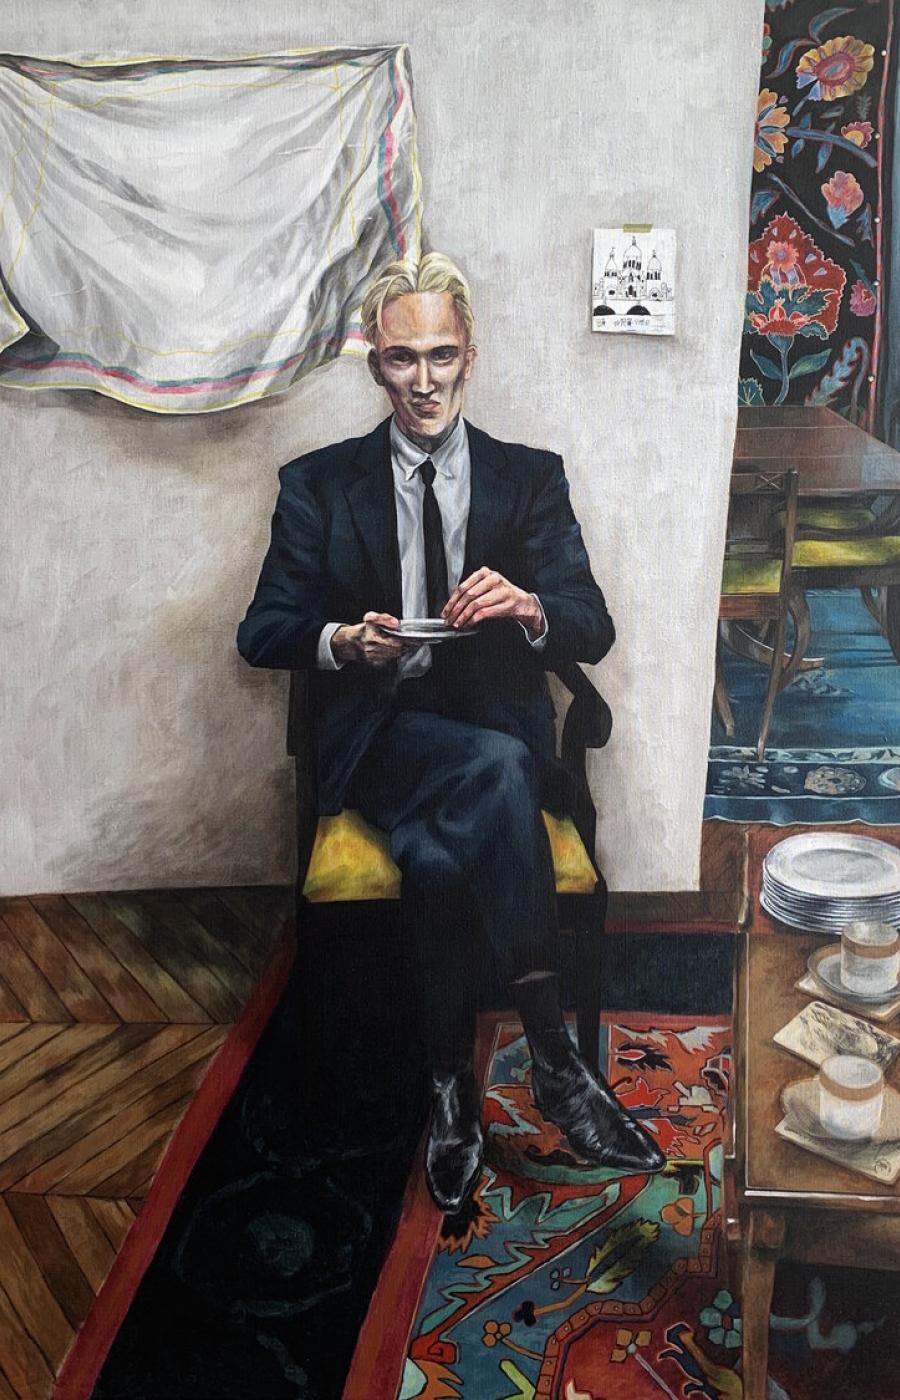 <b>Clément Bataille</b>, <em>Philippe<em>, Acrylique sur toile, 2020 /120x80cm